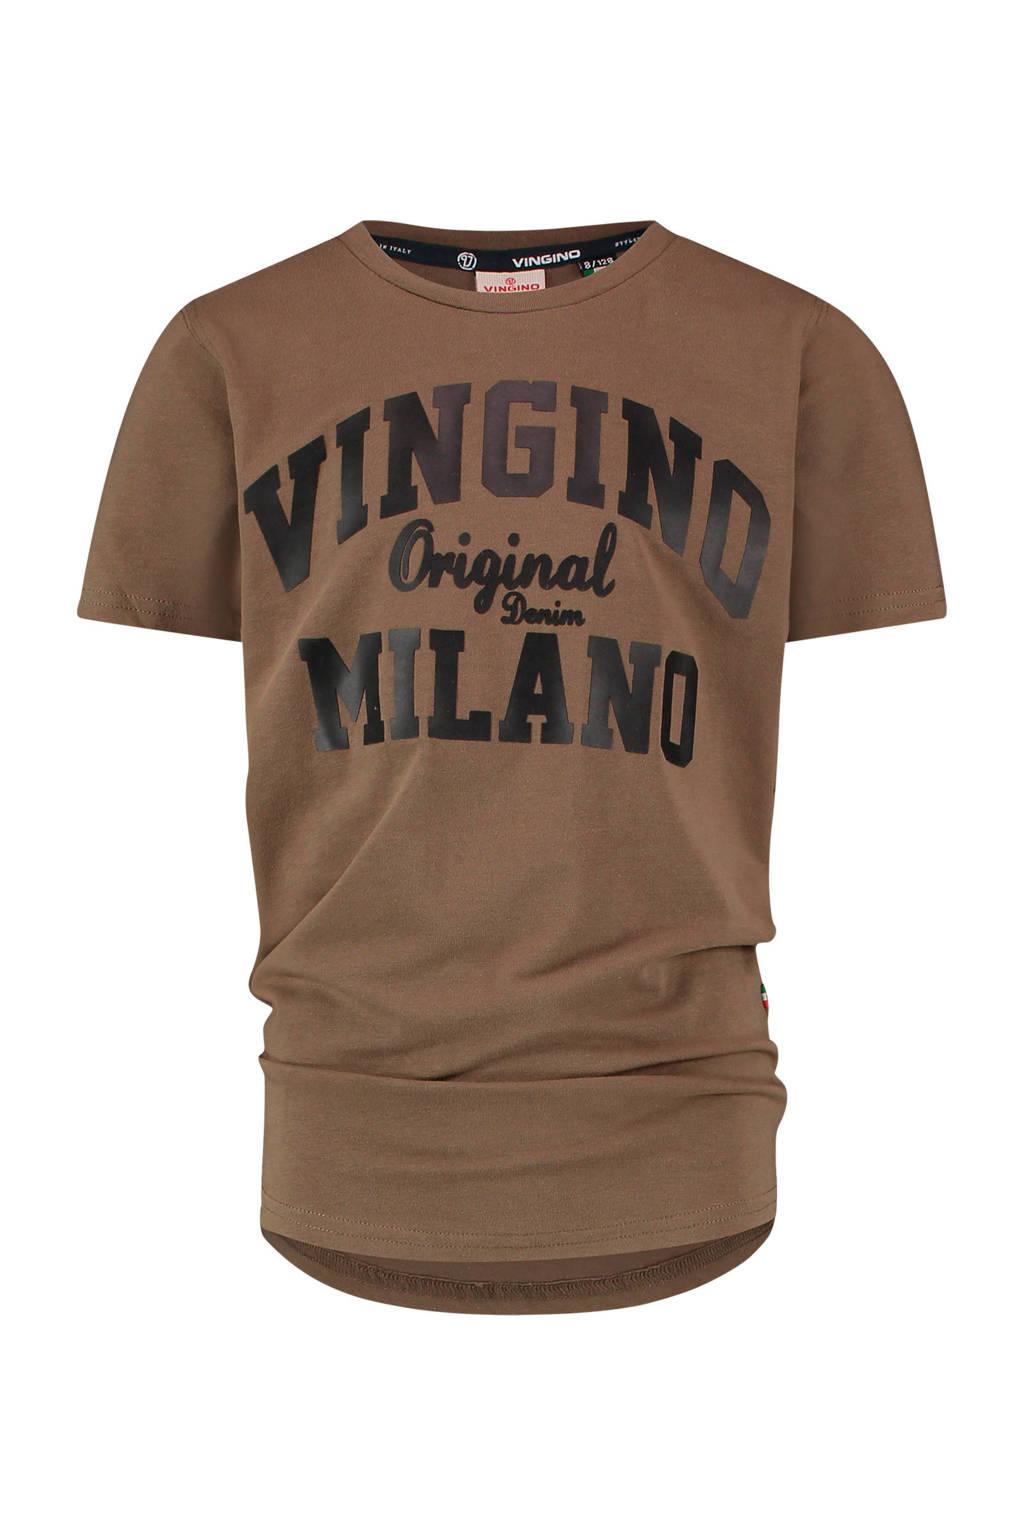 Vingino Essentials T-shirt met logo met biologisch katoen army groen/zwart, Army groen/zwart